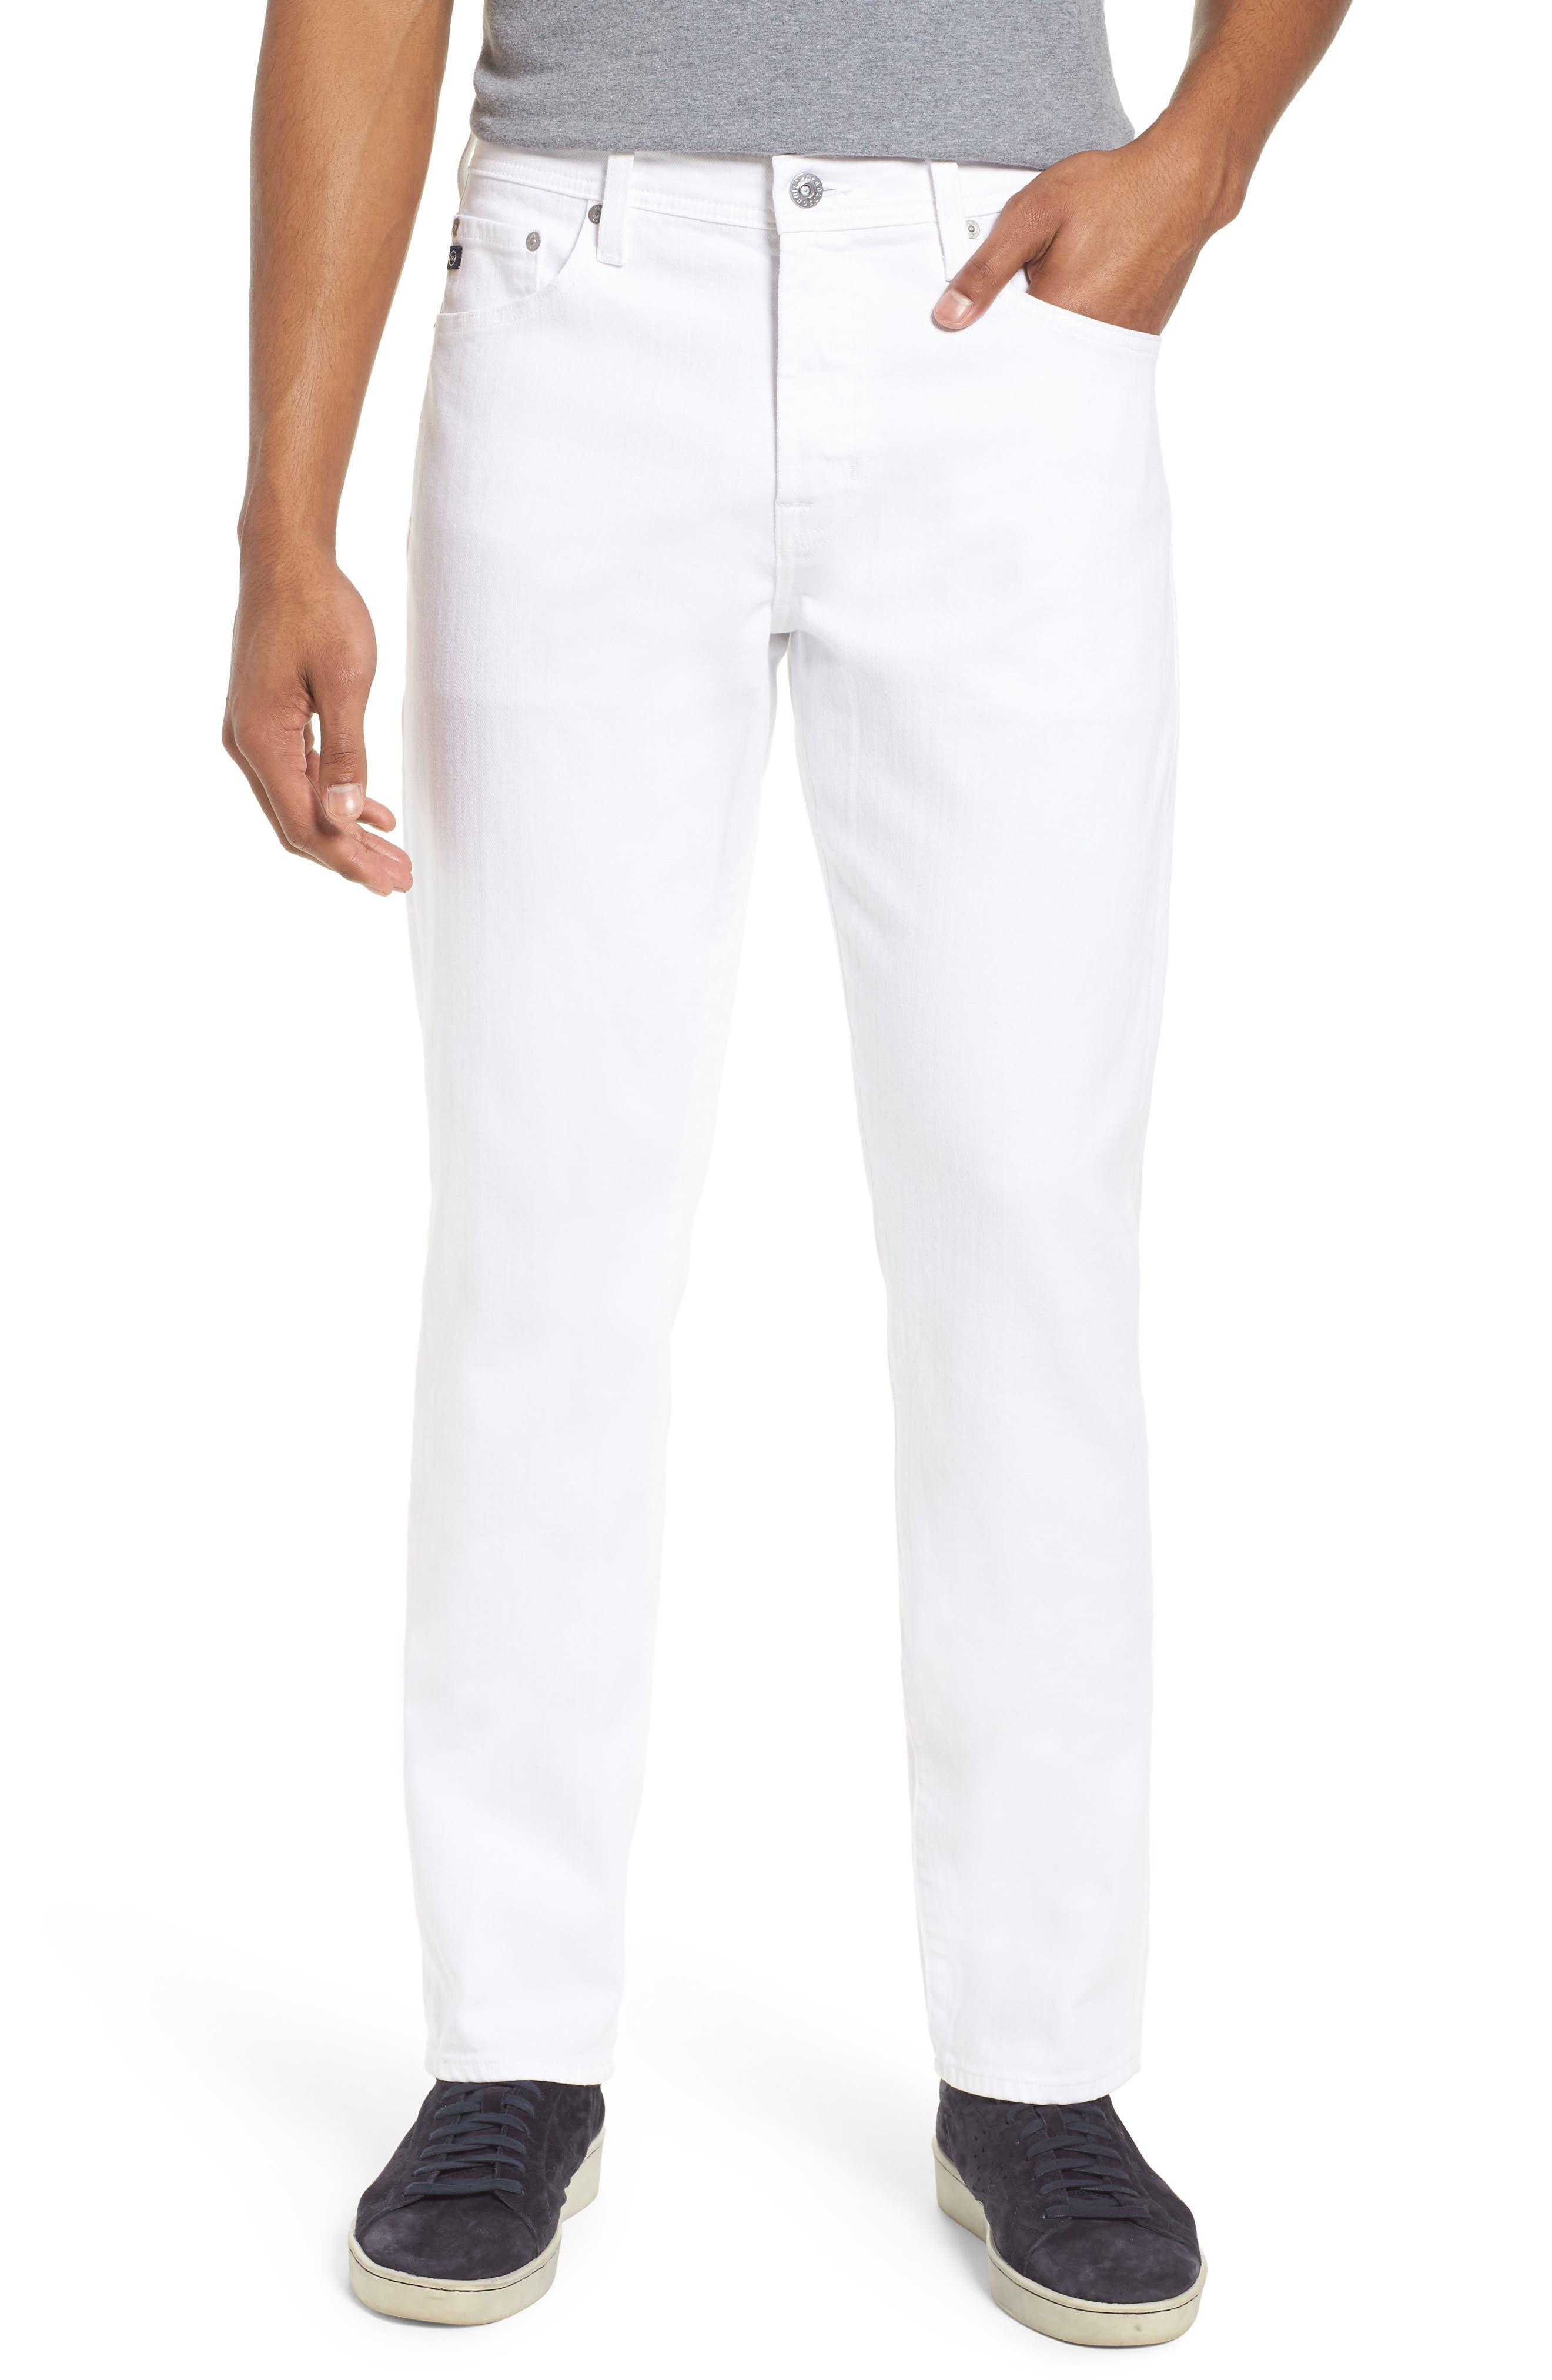 Everett Slim Straight Leg Jeans,                         Main,                         color, White